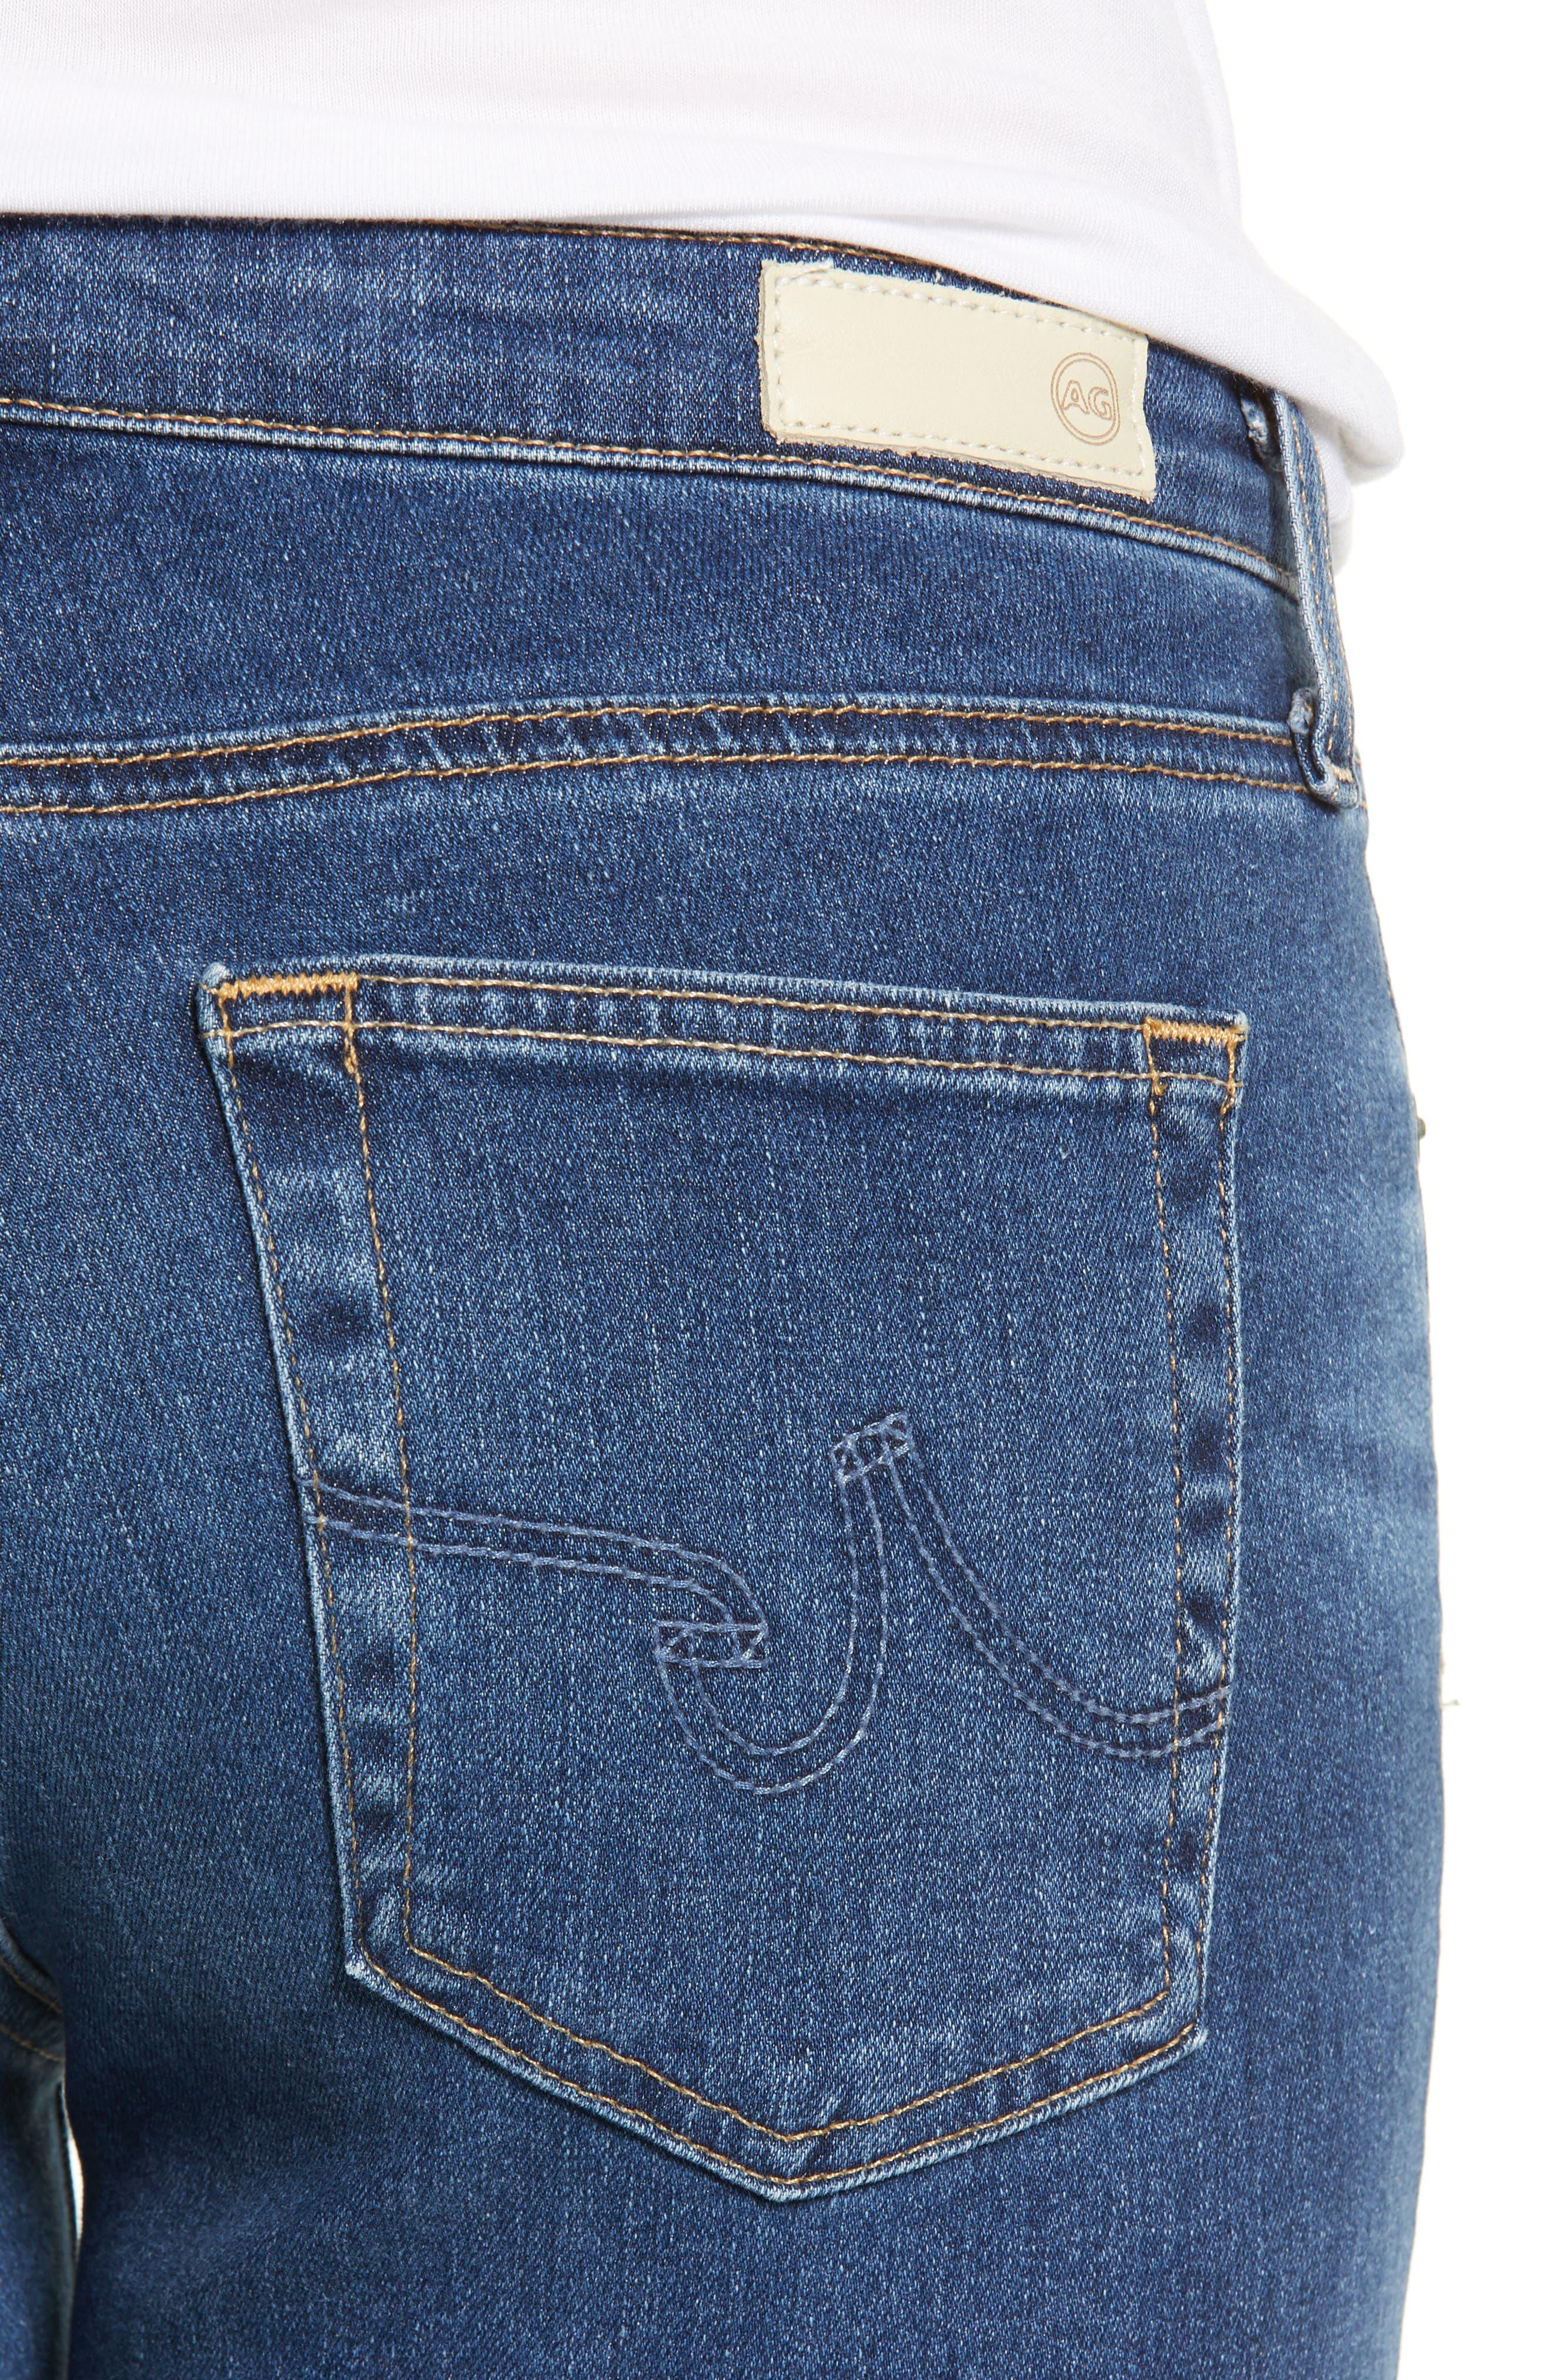 Prima Ankle Cigarette Jeans,                             Alternate thumbnail 4, color,                             8 YEARS BLUE PORTRAIT